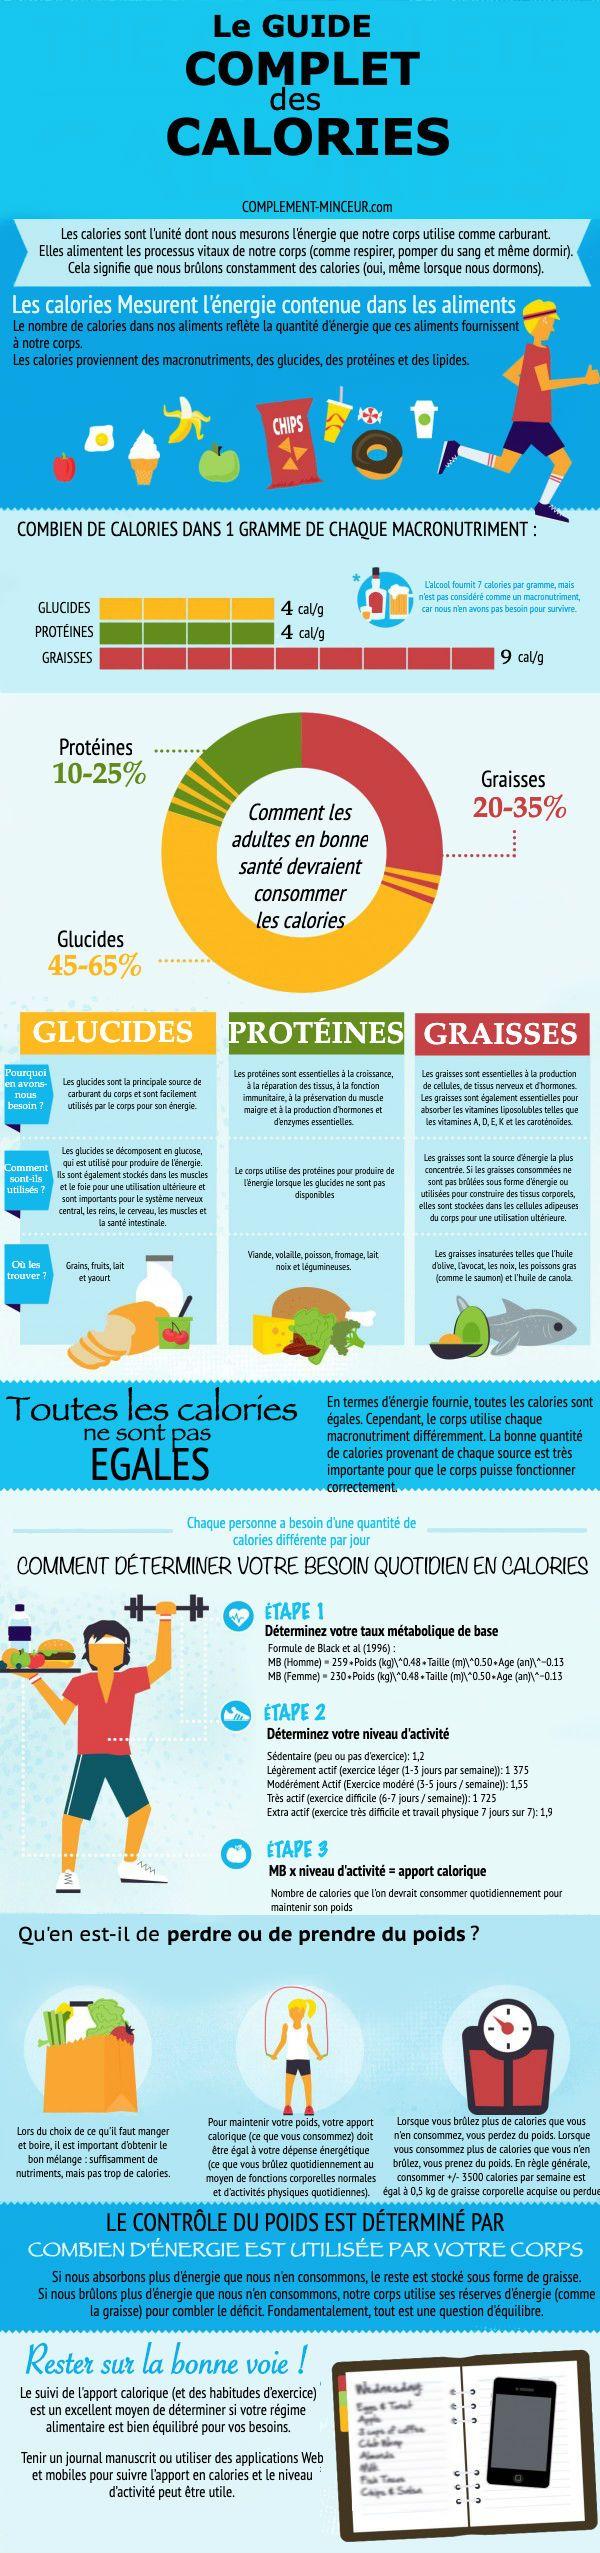 Le guide complet des calories